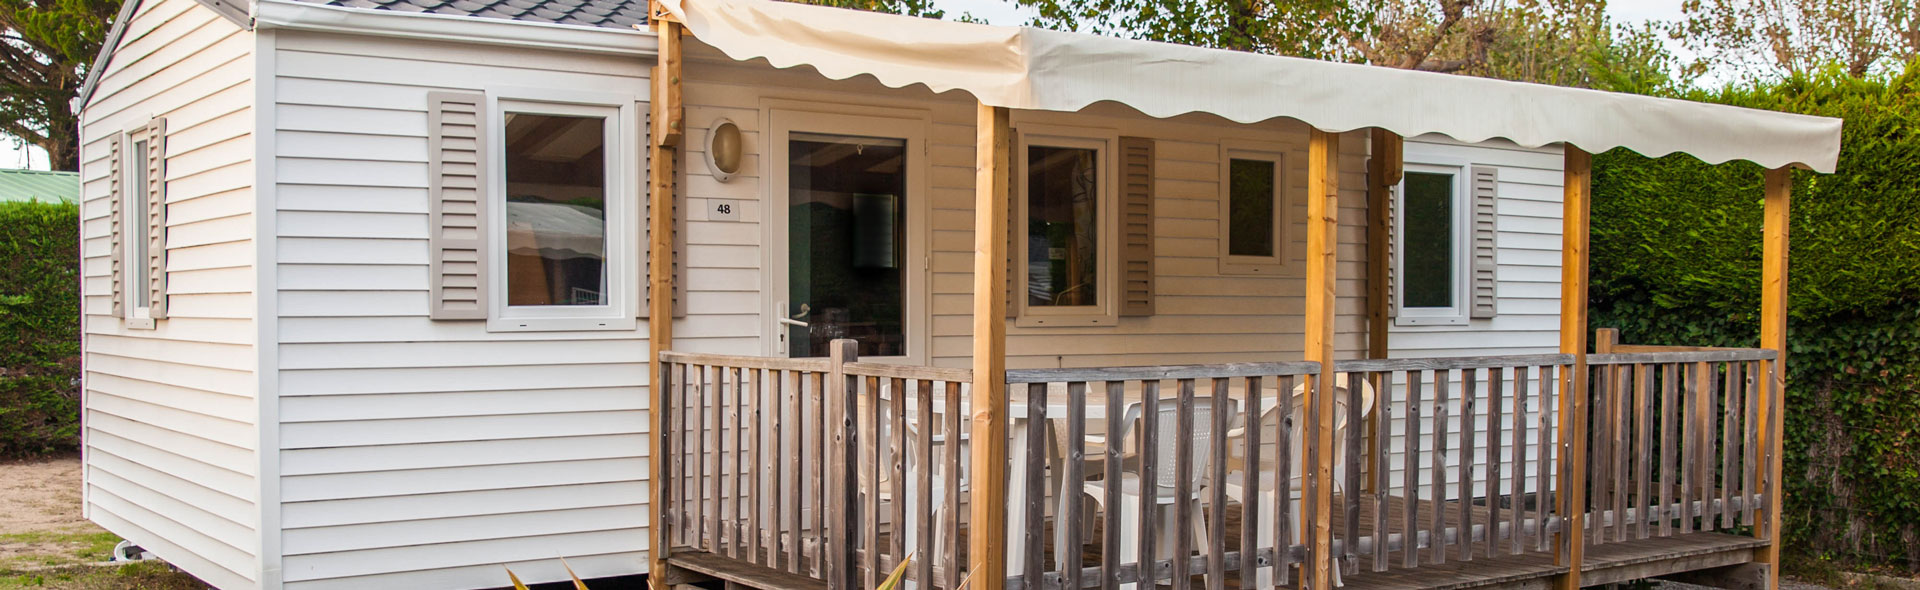 Camping Club Mahana : Camping Club Mahana By La Pege Maori